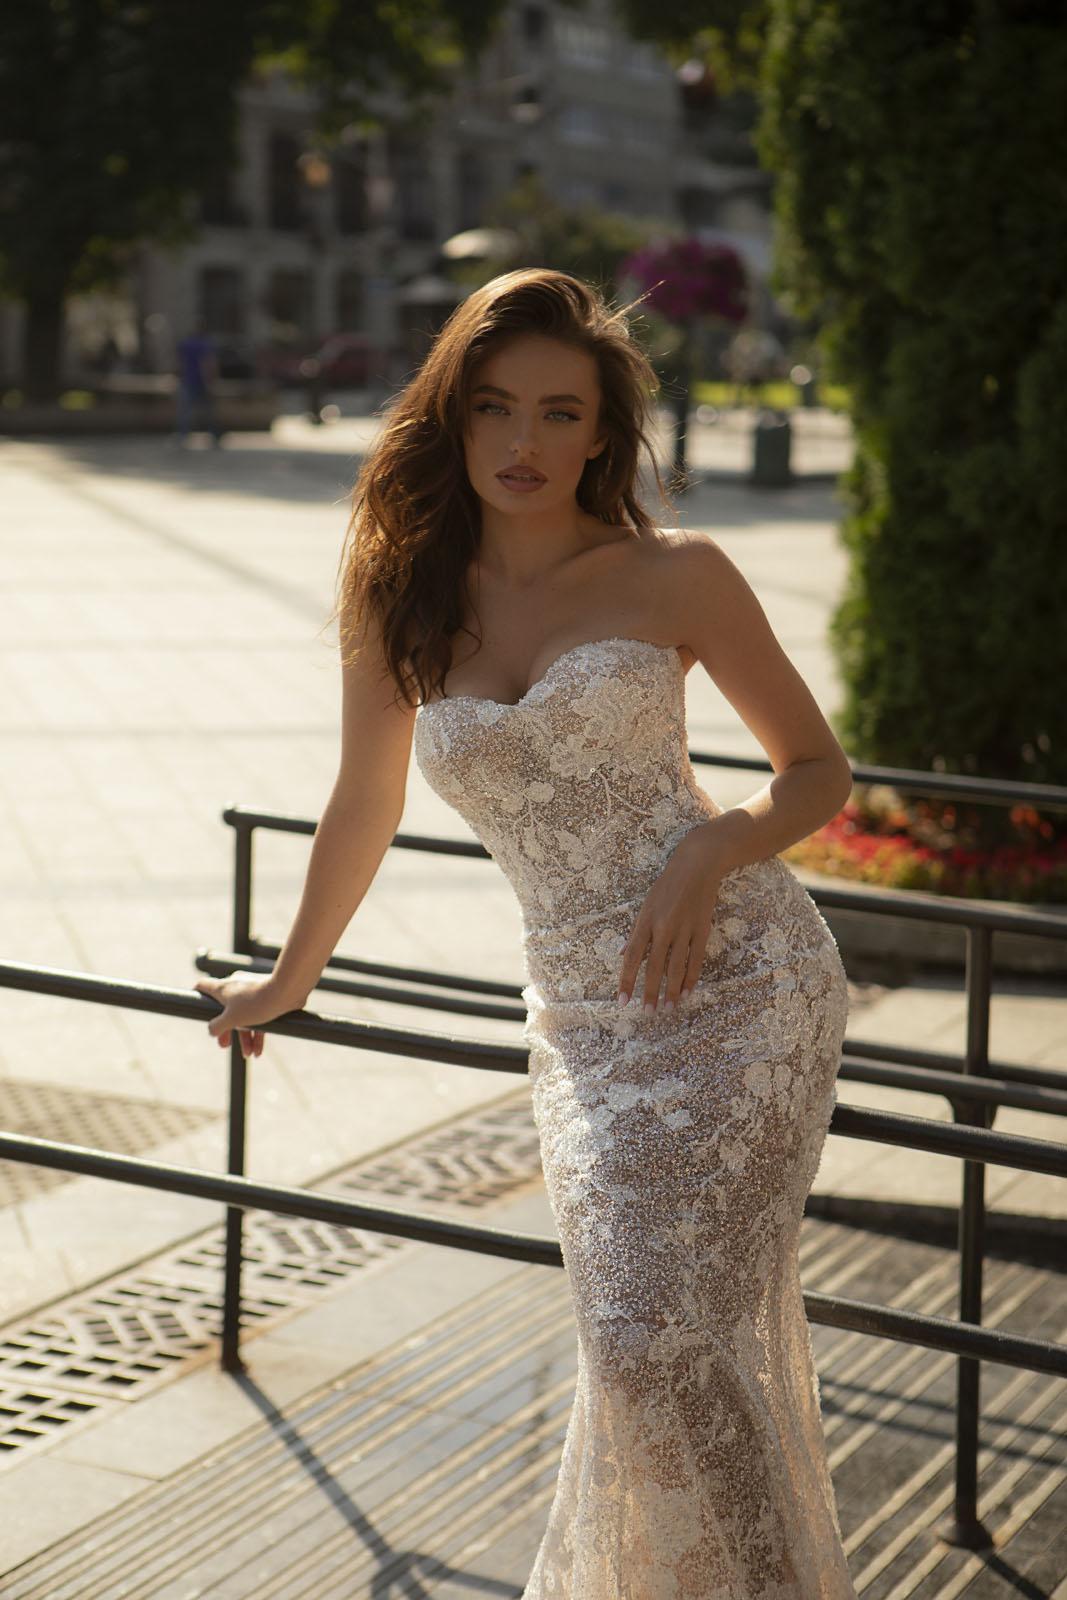 INESS-Oksana Mukha - Kolekcja 2021